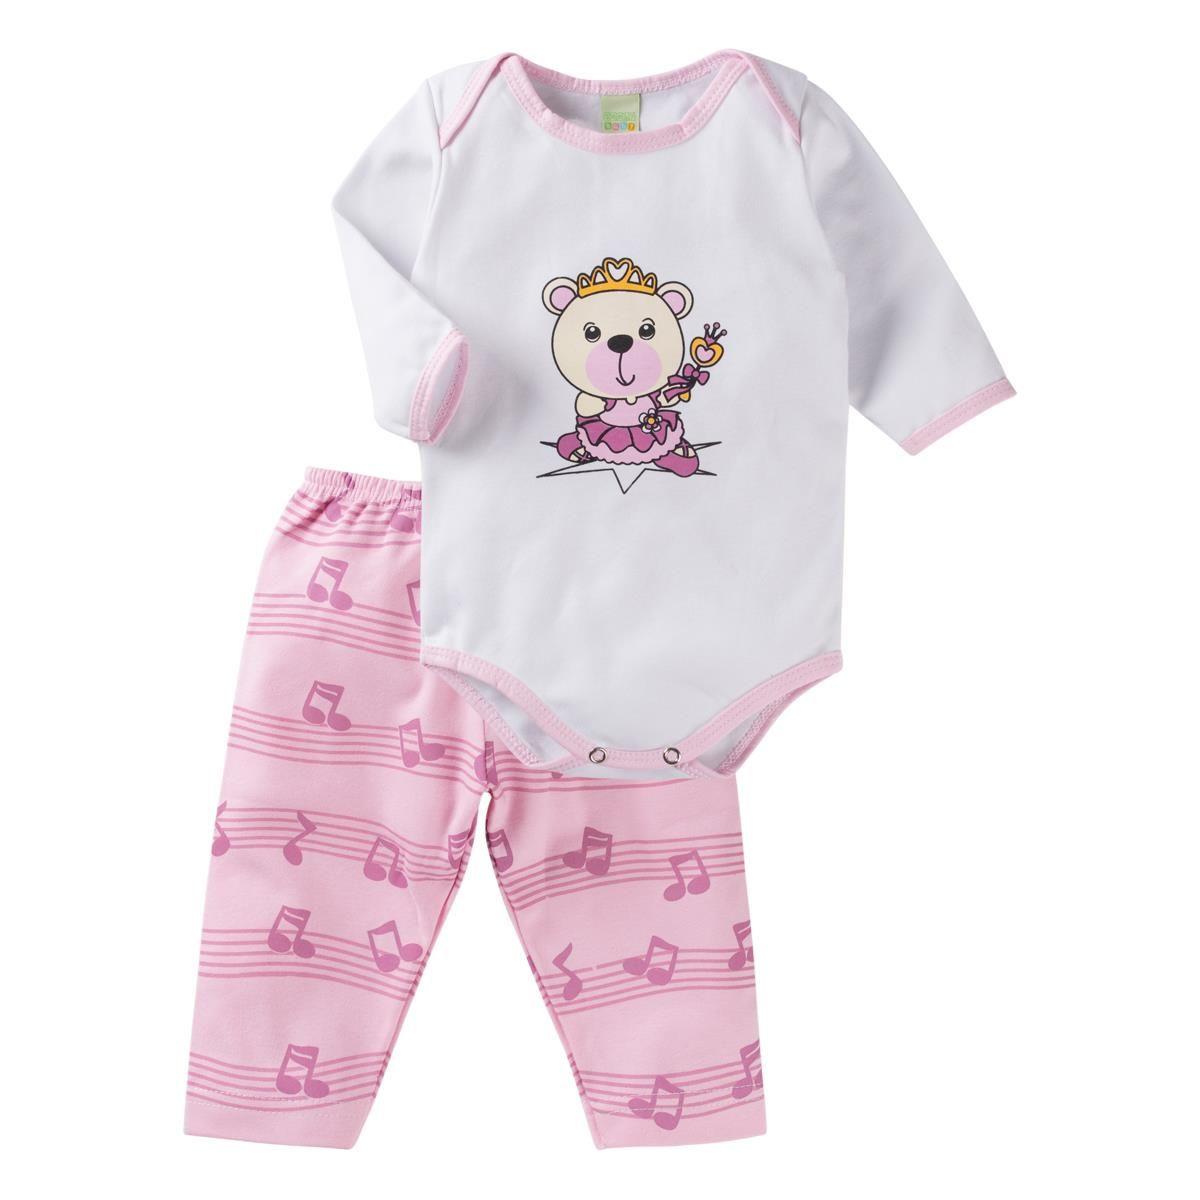 3790bfd77 Conjunto Body e Calça - ursinha princesa Smoby Baby